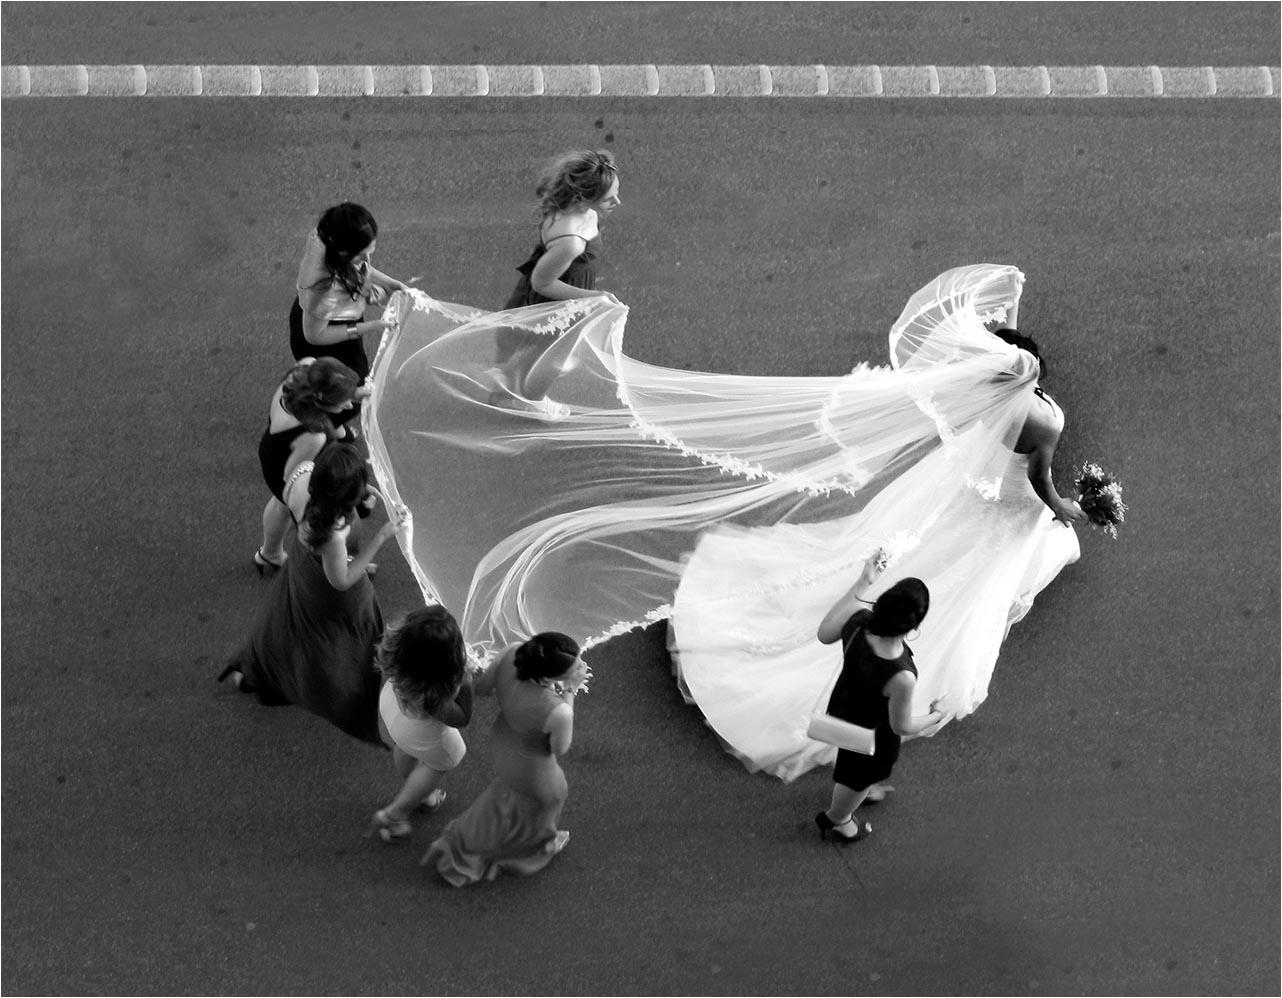 """Laura Bolognesi  """"Vortice bianco 3"""" - Premio speciale Street"""